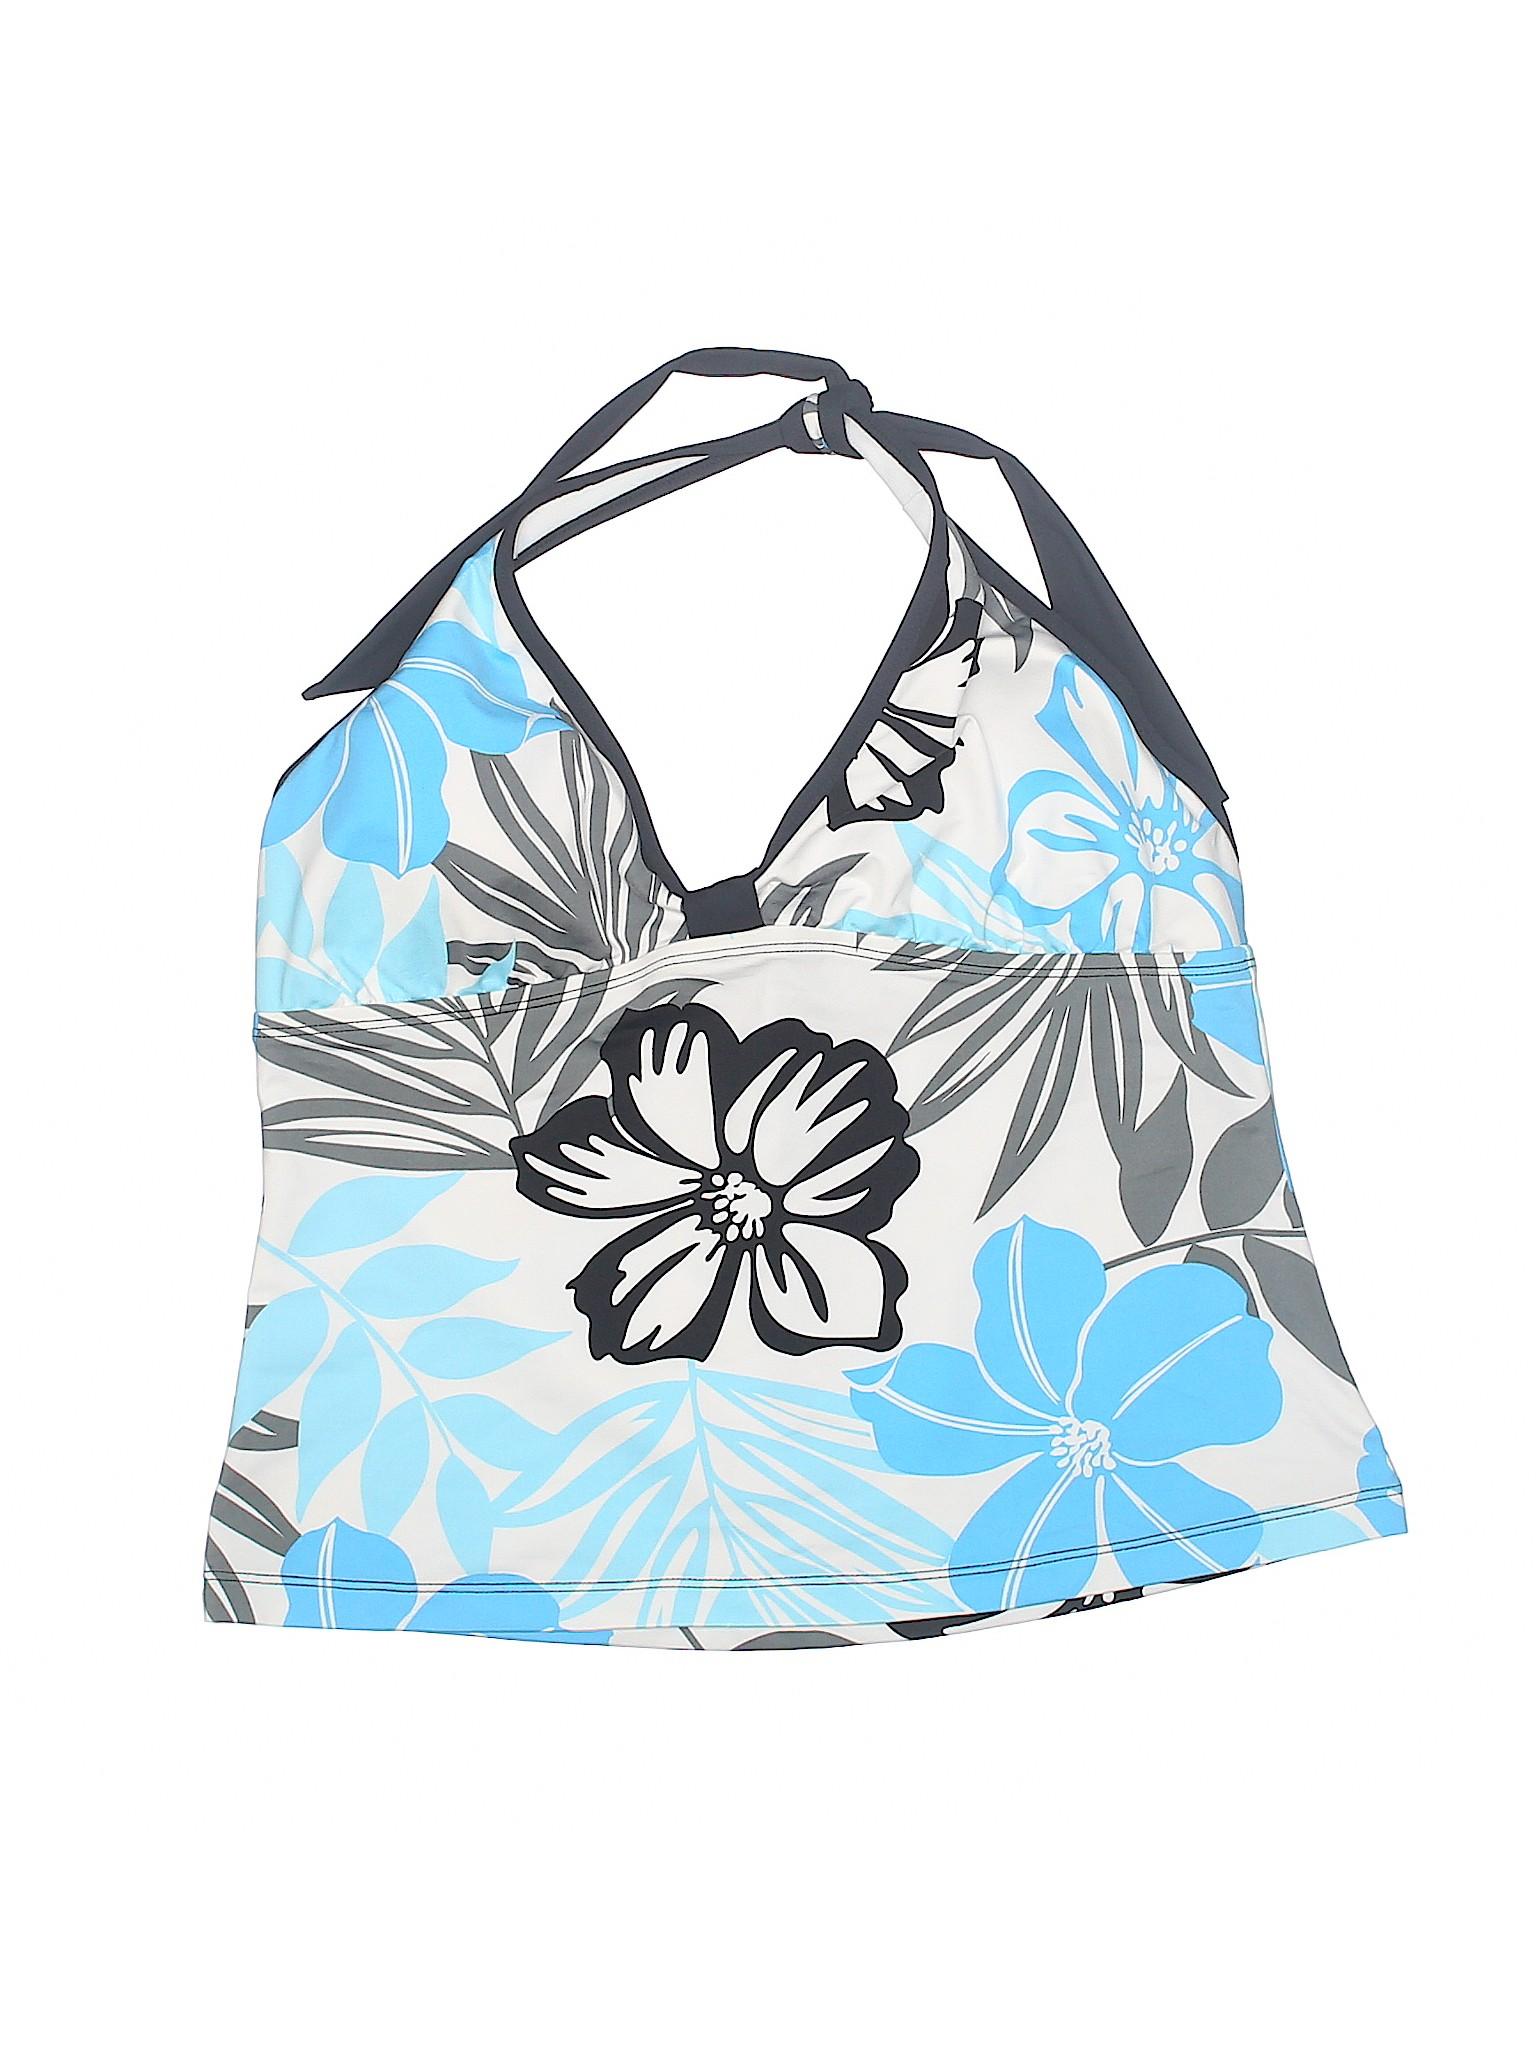 Boutique Jag Swimsuit Boutique Top Top Jag Swimsuit HOR4nO6